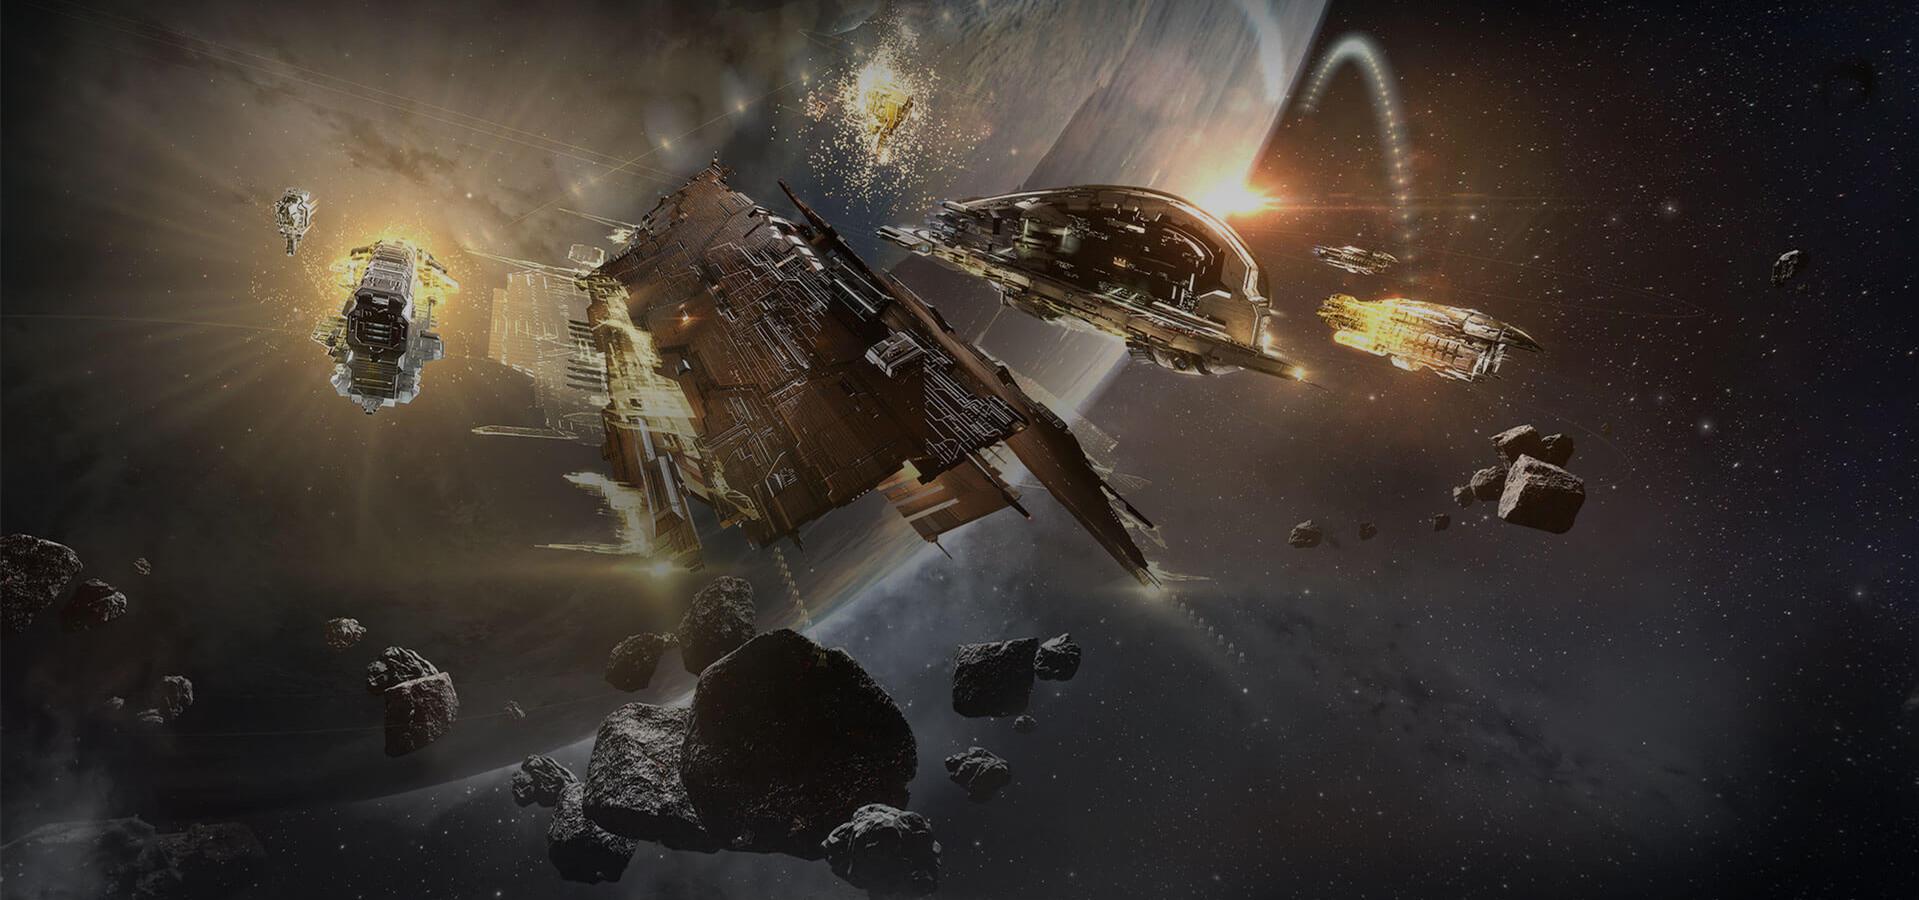 游戏背景图片